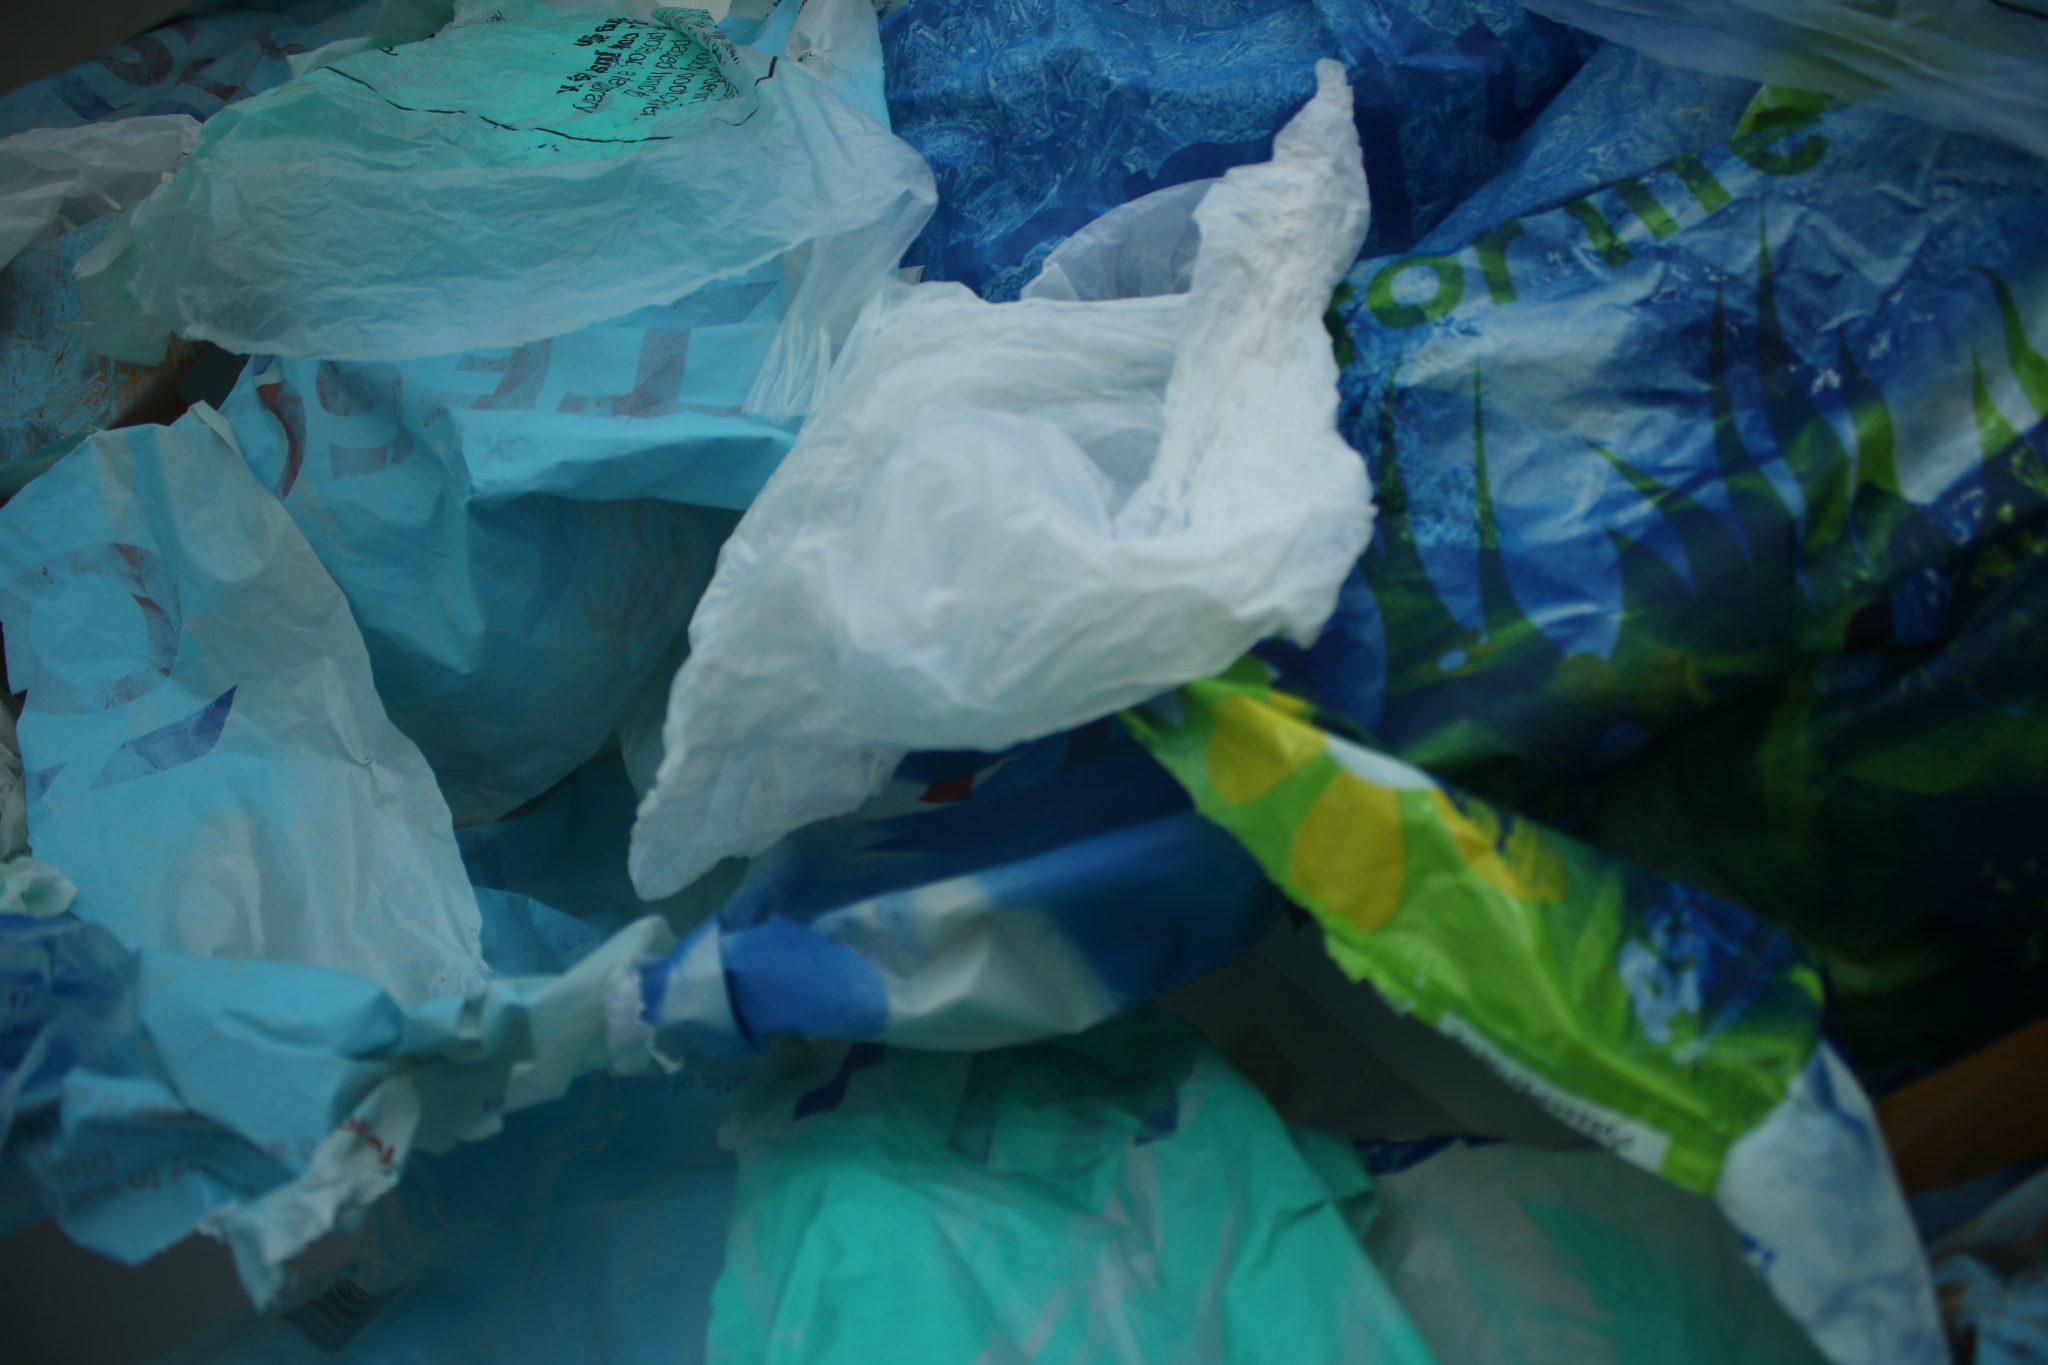 Plastic Our Future Elena Portius Heidi Burgess Pie Factory Margate